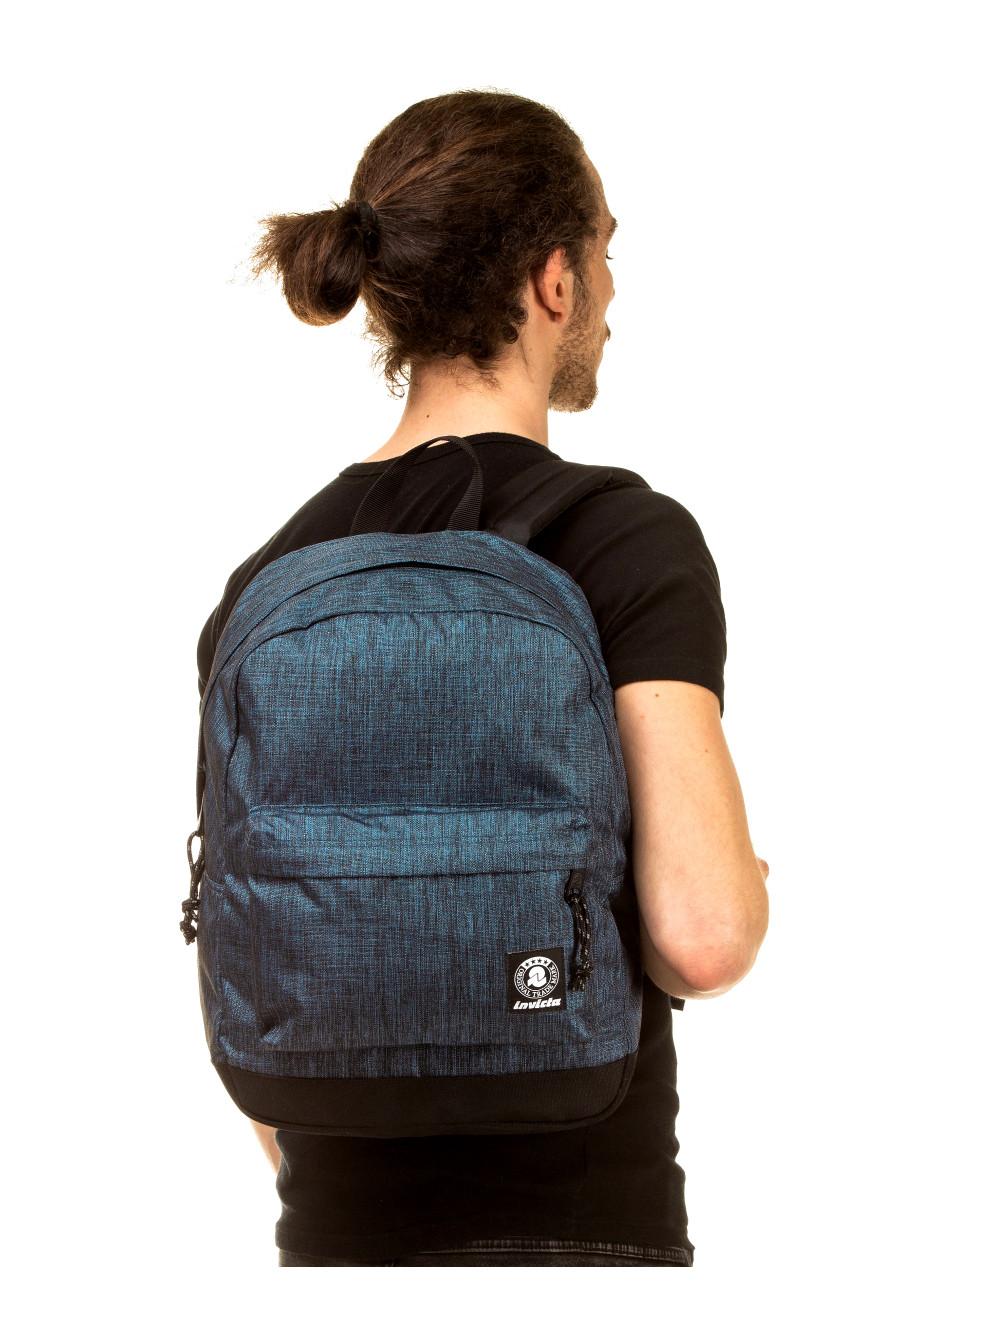 Zaino Carlson Invicta 206001917 blu melange porta computer lema cartoleria online indossato ragazzo